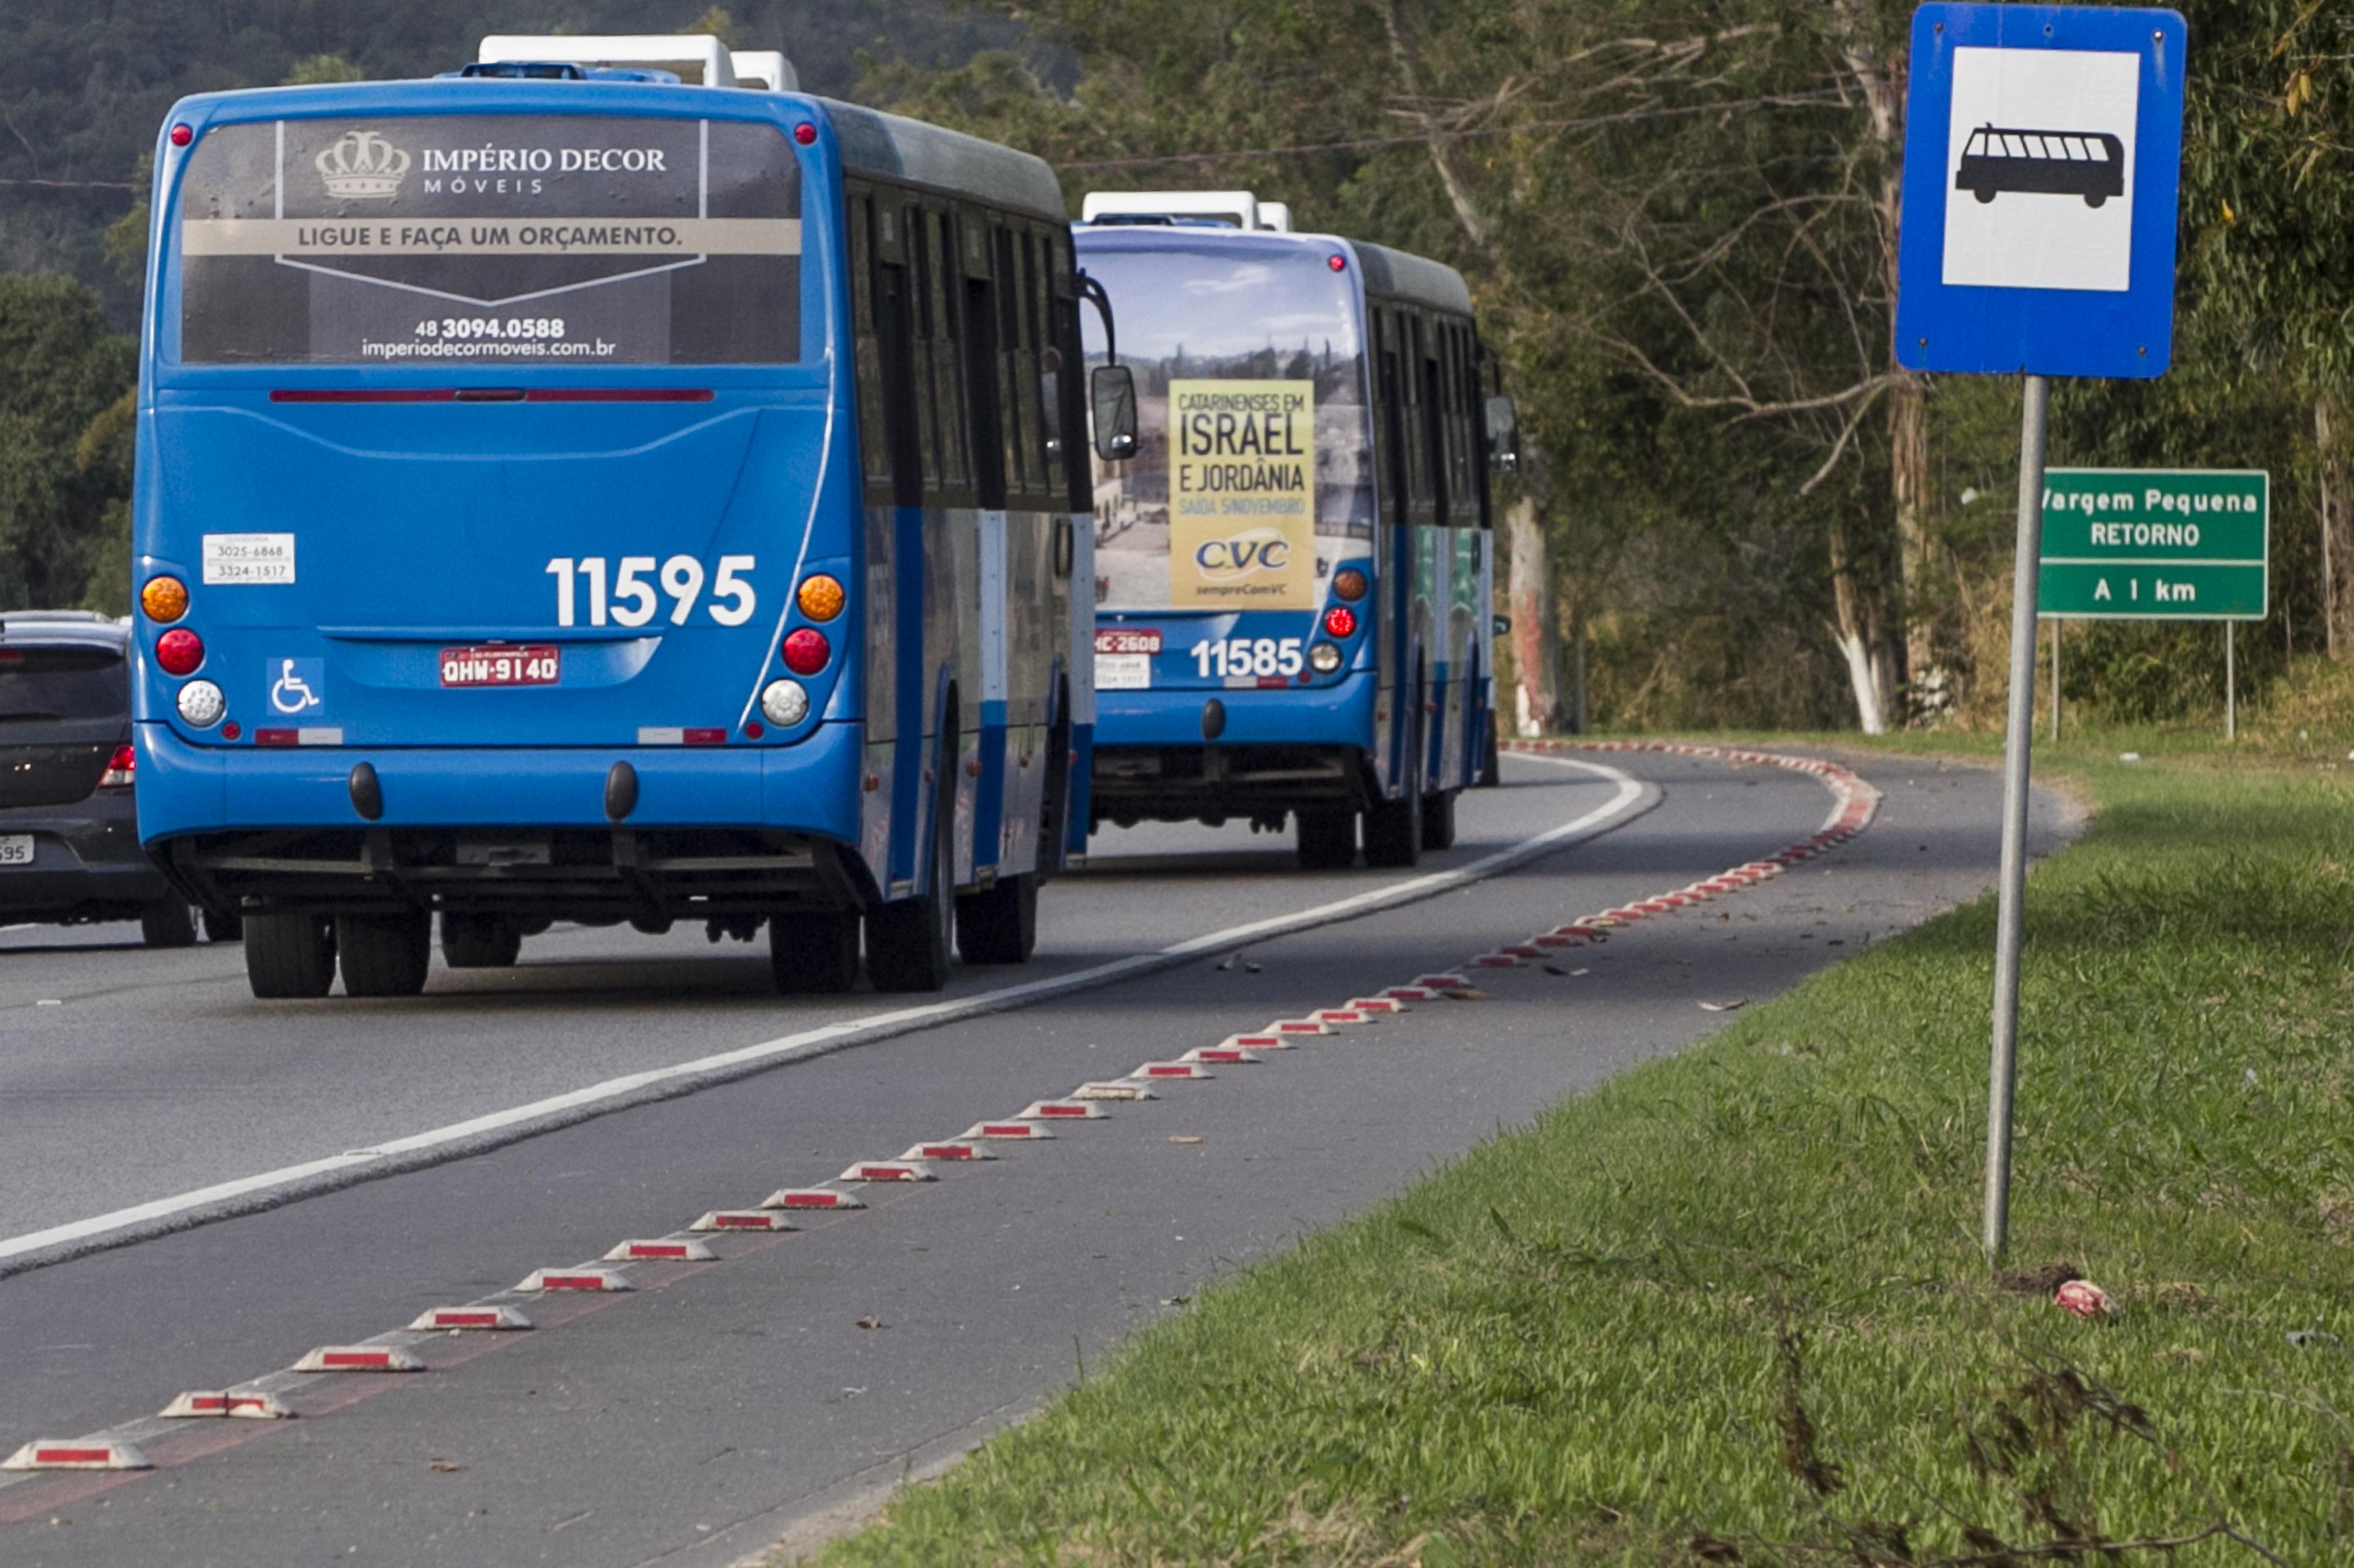 Pontos de ônibus ao longo da rodovia não são recuados - Marco Santiago/ND